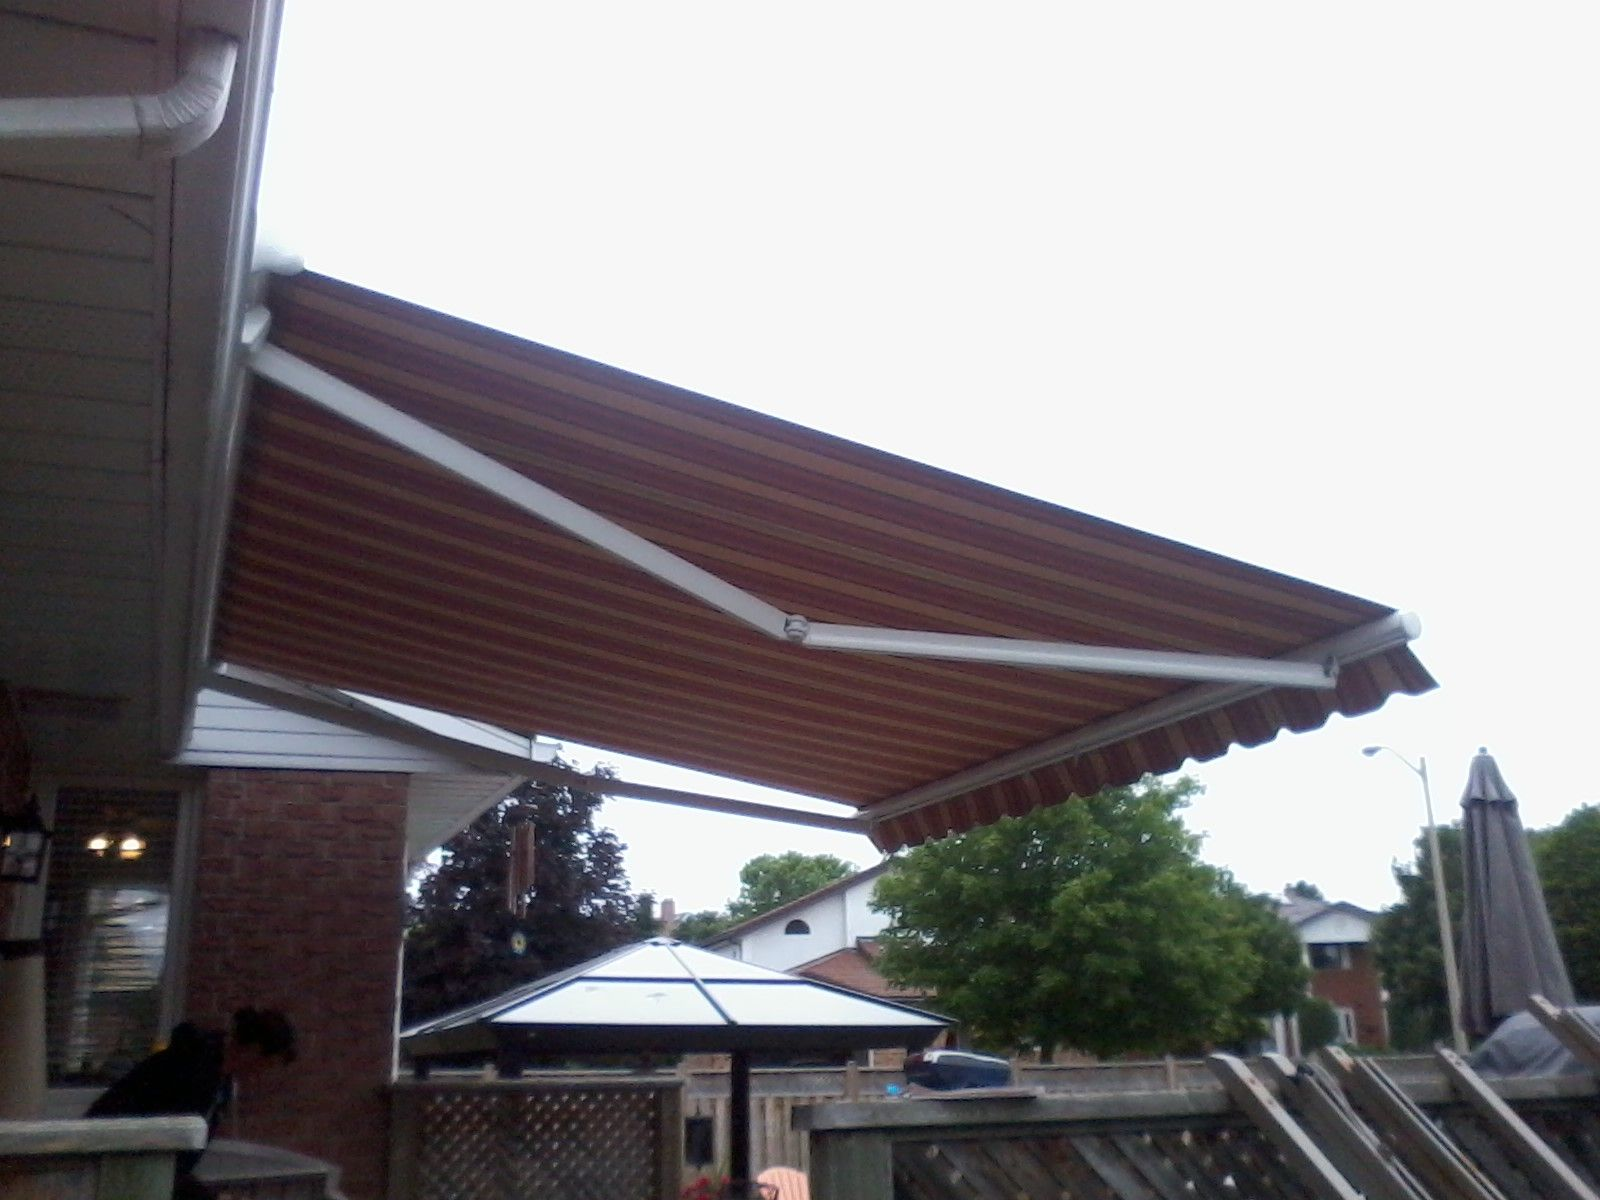 roof mount awning   Exterior design, Awning, Decor